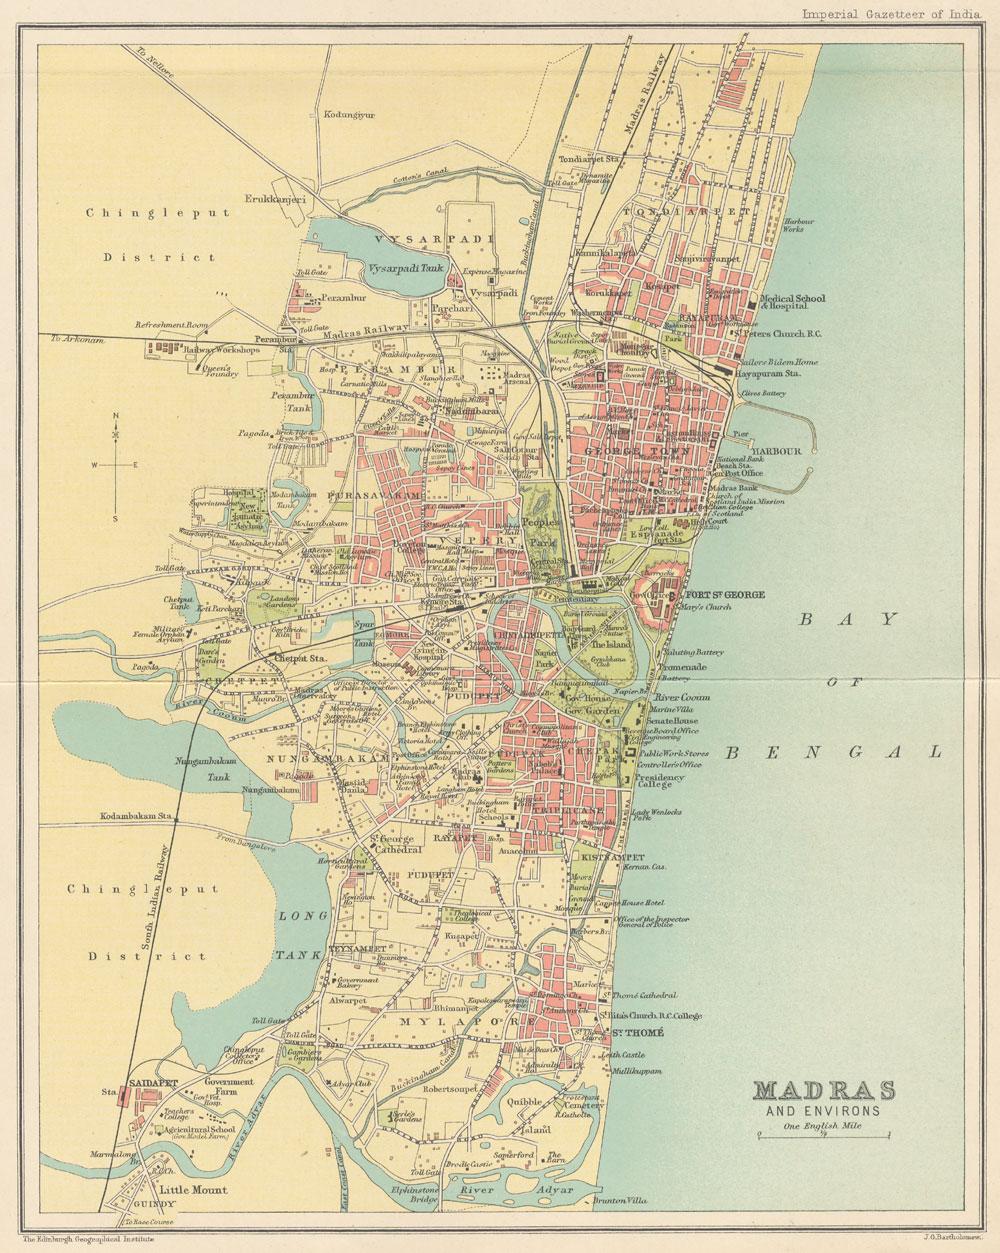 History of Chennai - Wikipedia